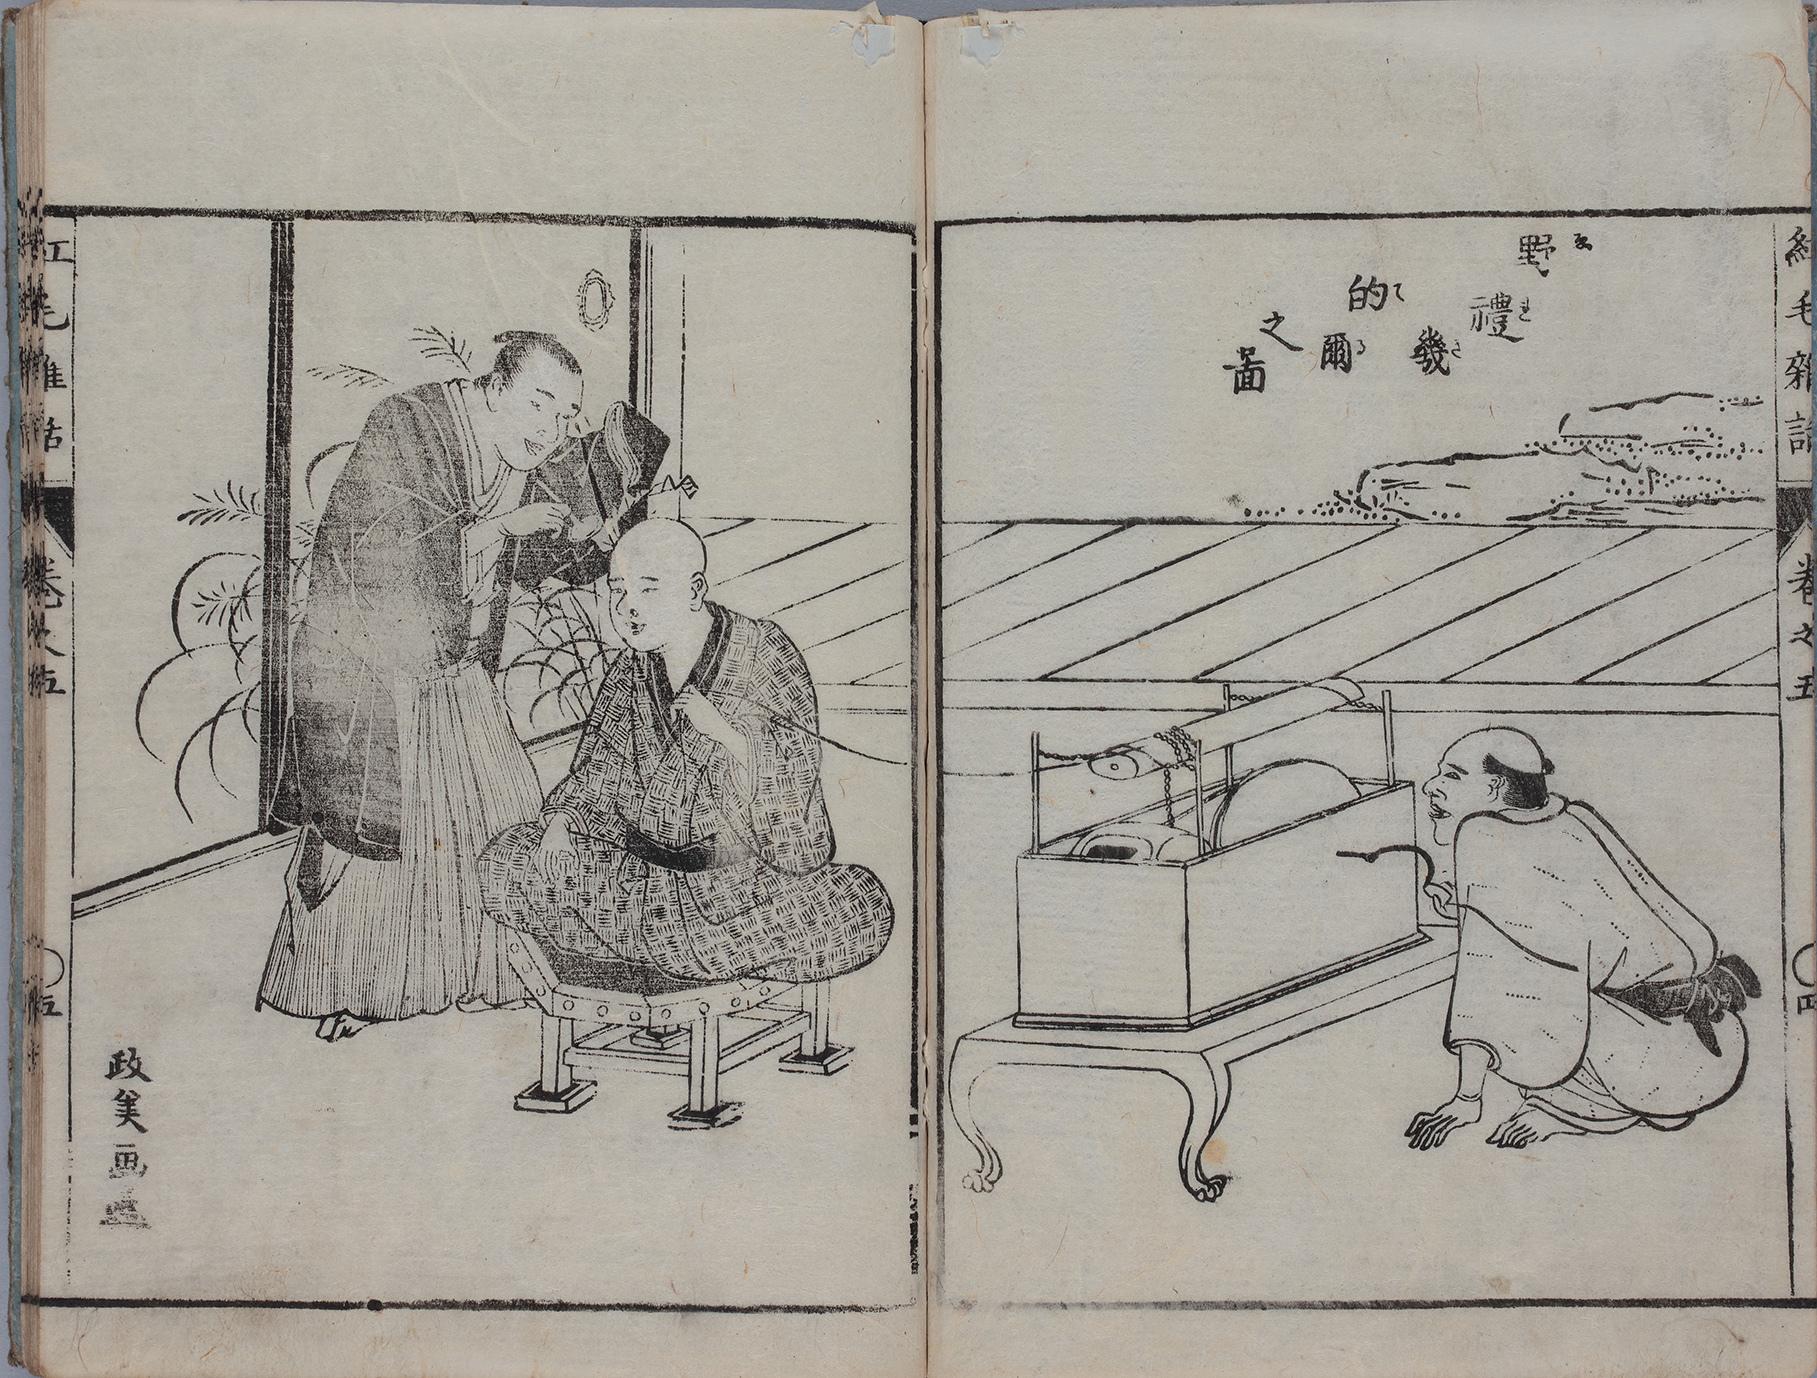 『紅毛雑話』 森島中良 江戸時代・天明7年(1787) 静嘉堂文庫蔵 【全期間展示】